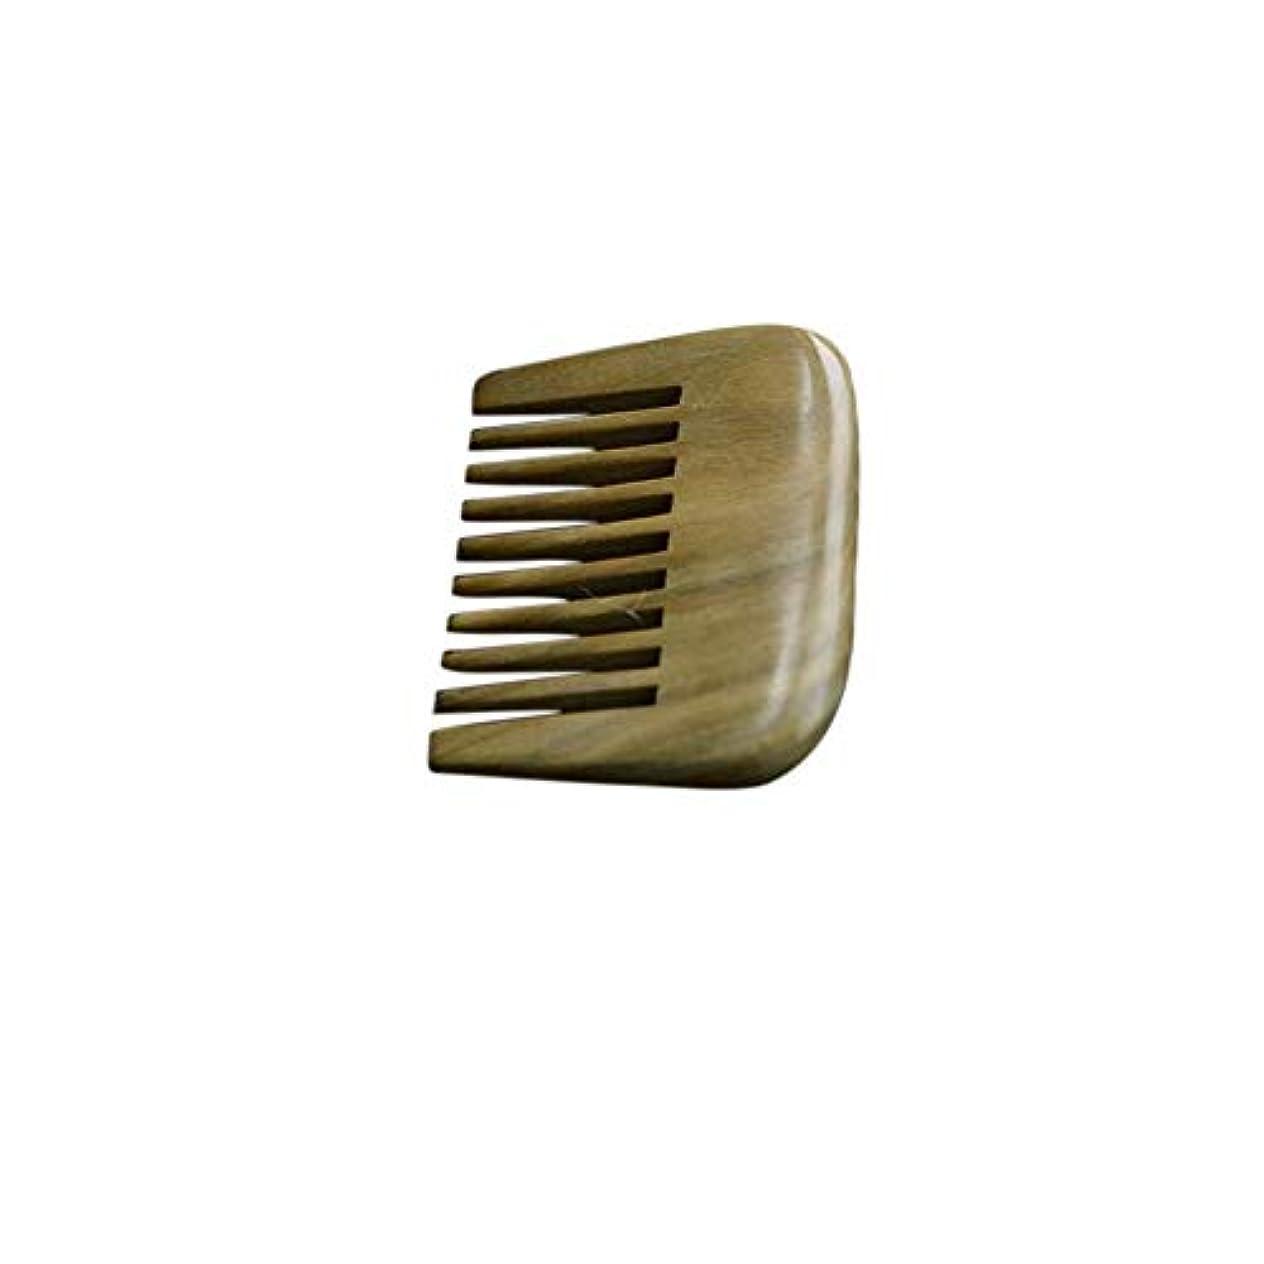 接続フロント反対WASAIO グリーンサンダルウッドワイド歯ナチュラルくし、カーリーストレートヘアブラシブラシ手作りの木製抗静的木製くしヘアブラシ